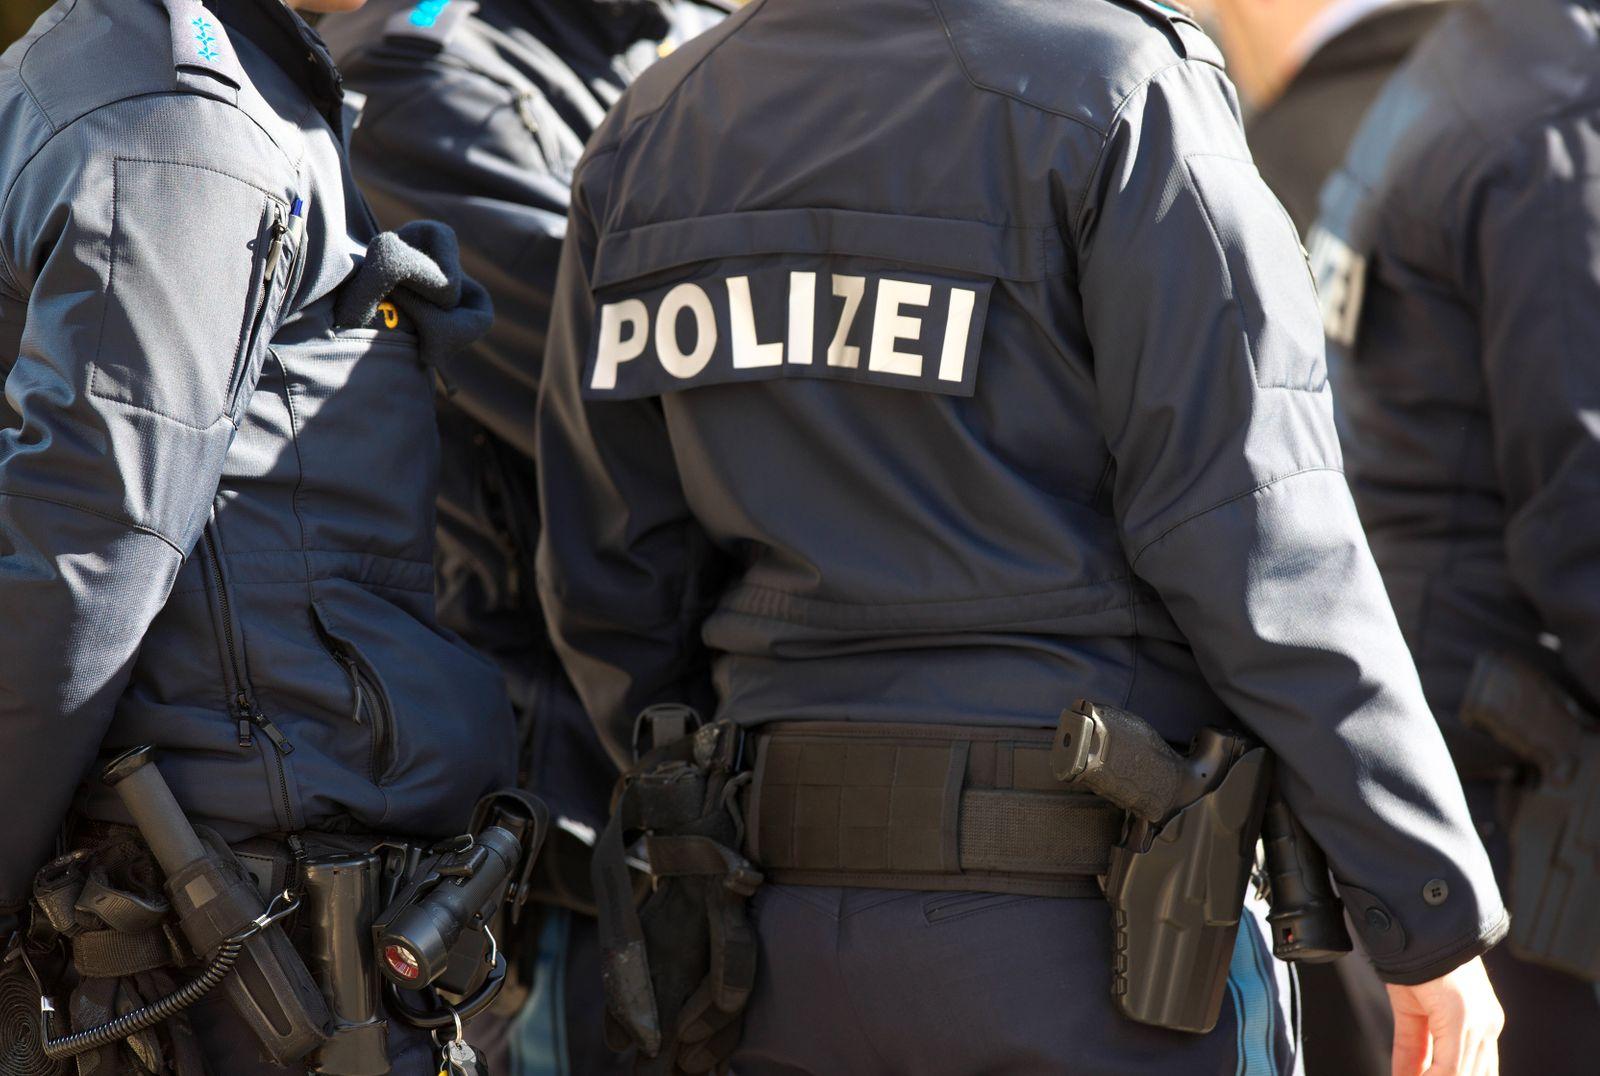 Sicherheitsmaßnahmen durch Polizei am Hotel Bayerischer Hof. Polizeifahrzeuge und bewaffnete Polizisten sichern Straßen